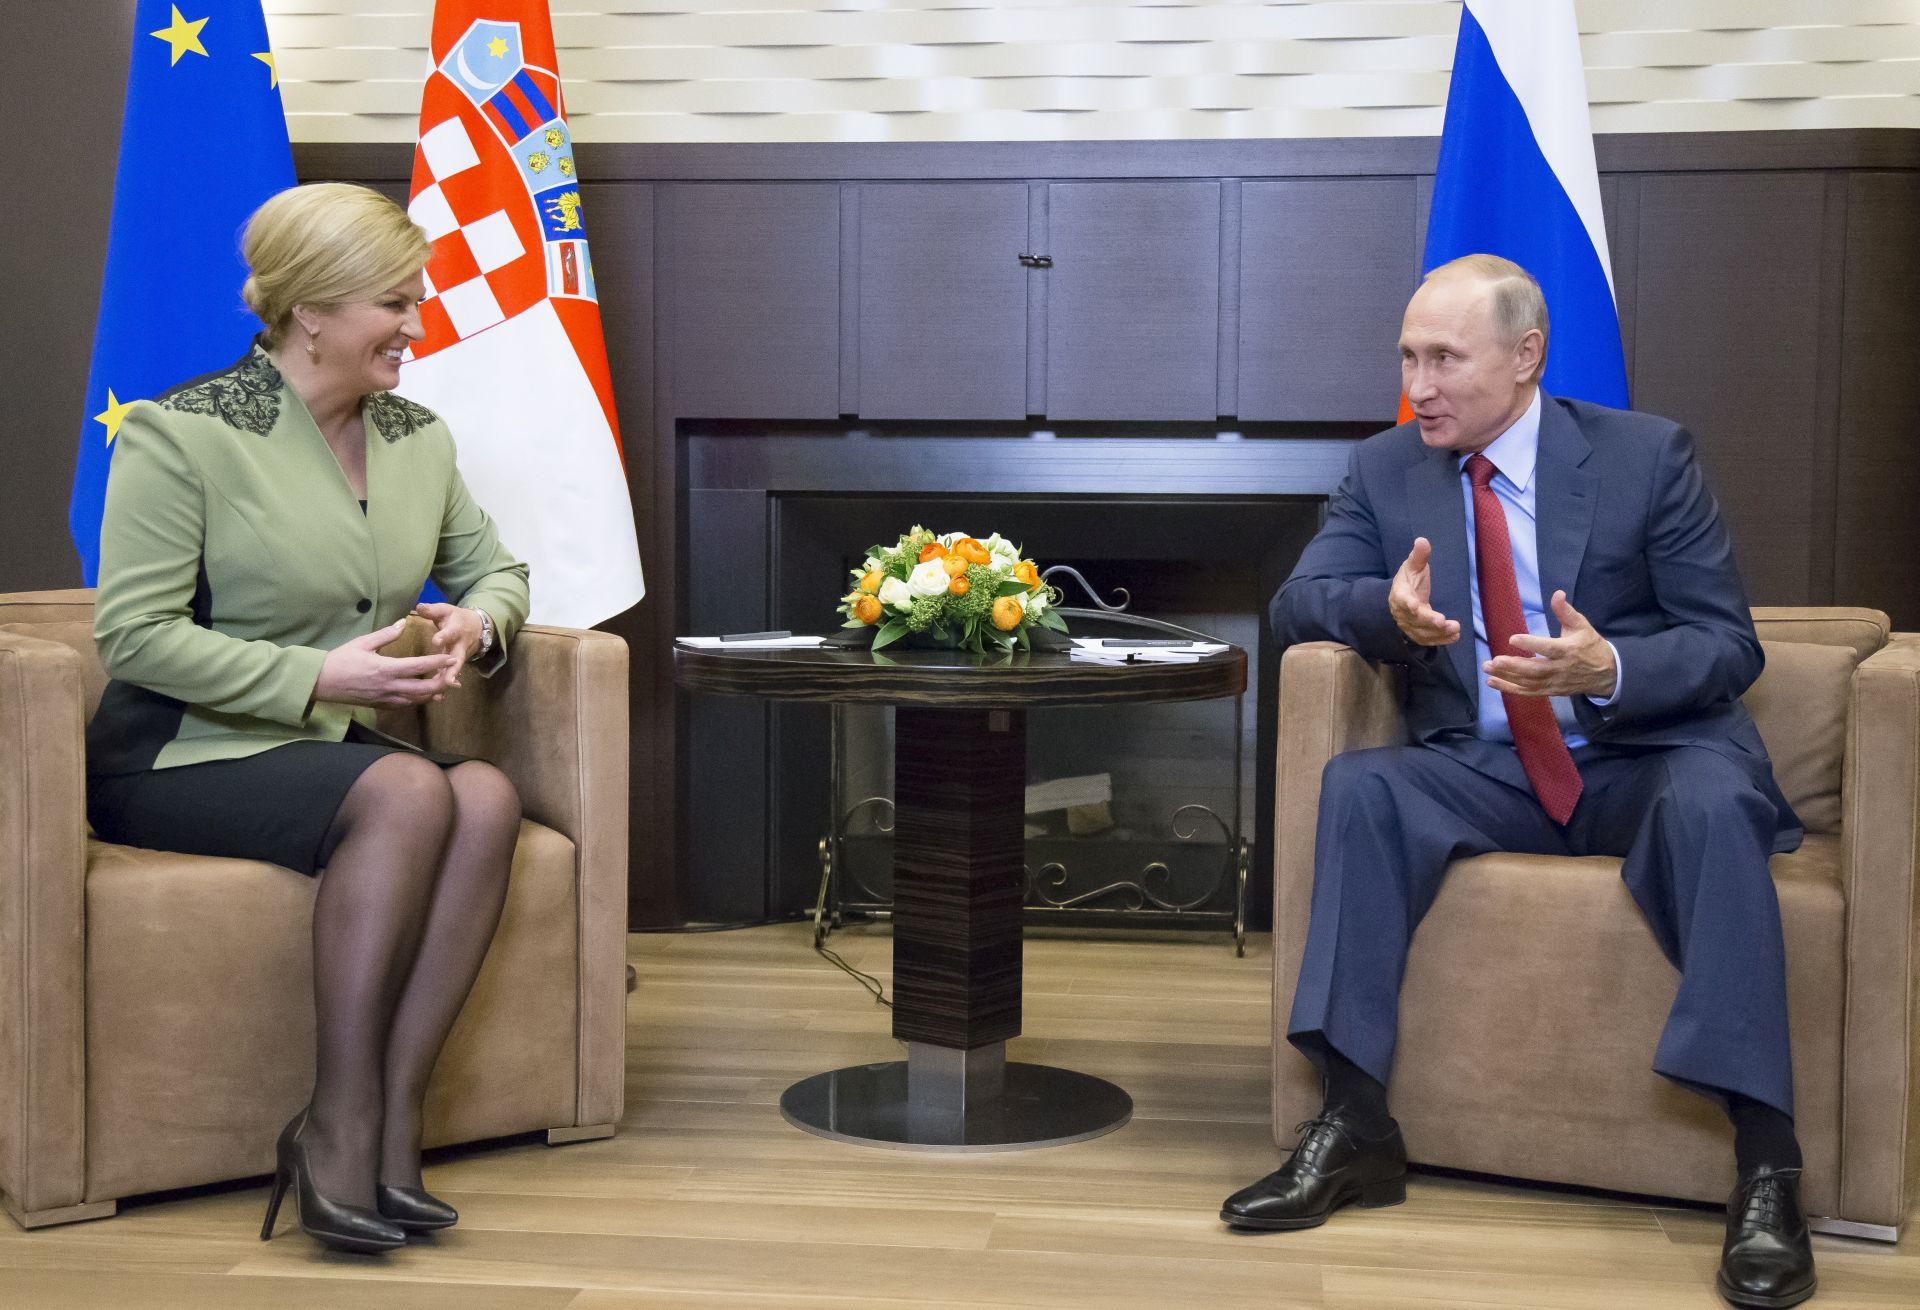 RUSKI MEDIJI O SASTANKU U SOČIJU 'S Putinom i Grabar-Kitarović o Agrokoru su razgovarali i Cvitan i direktor Sberbanka'